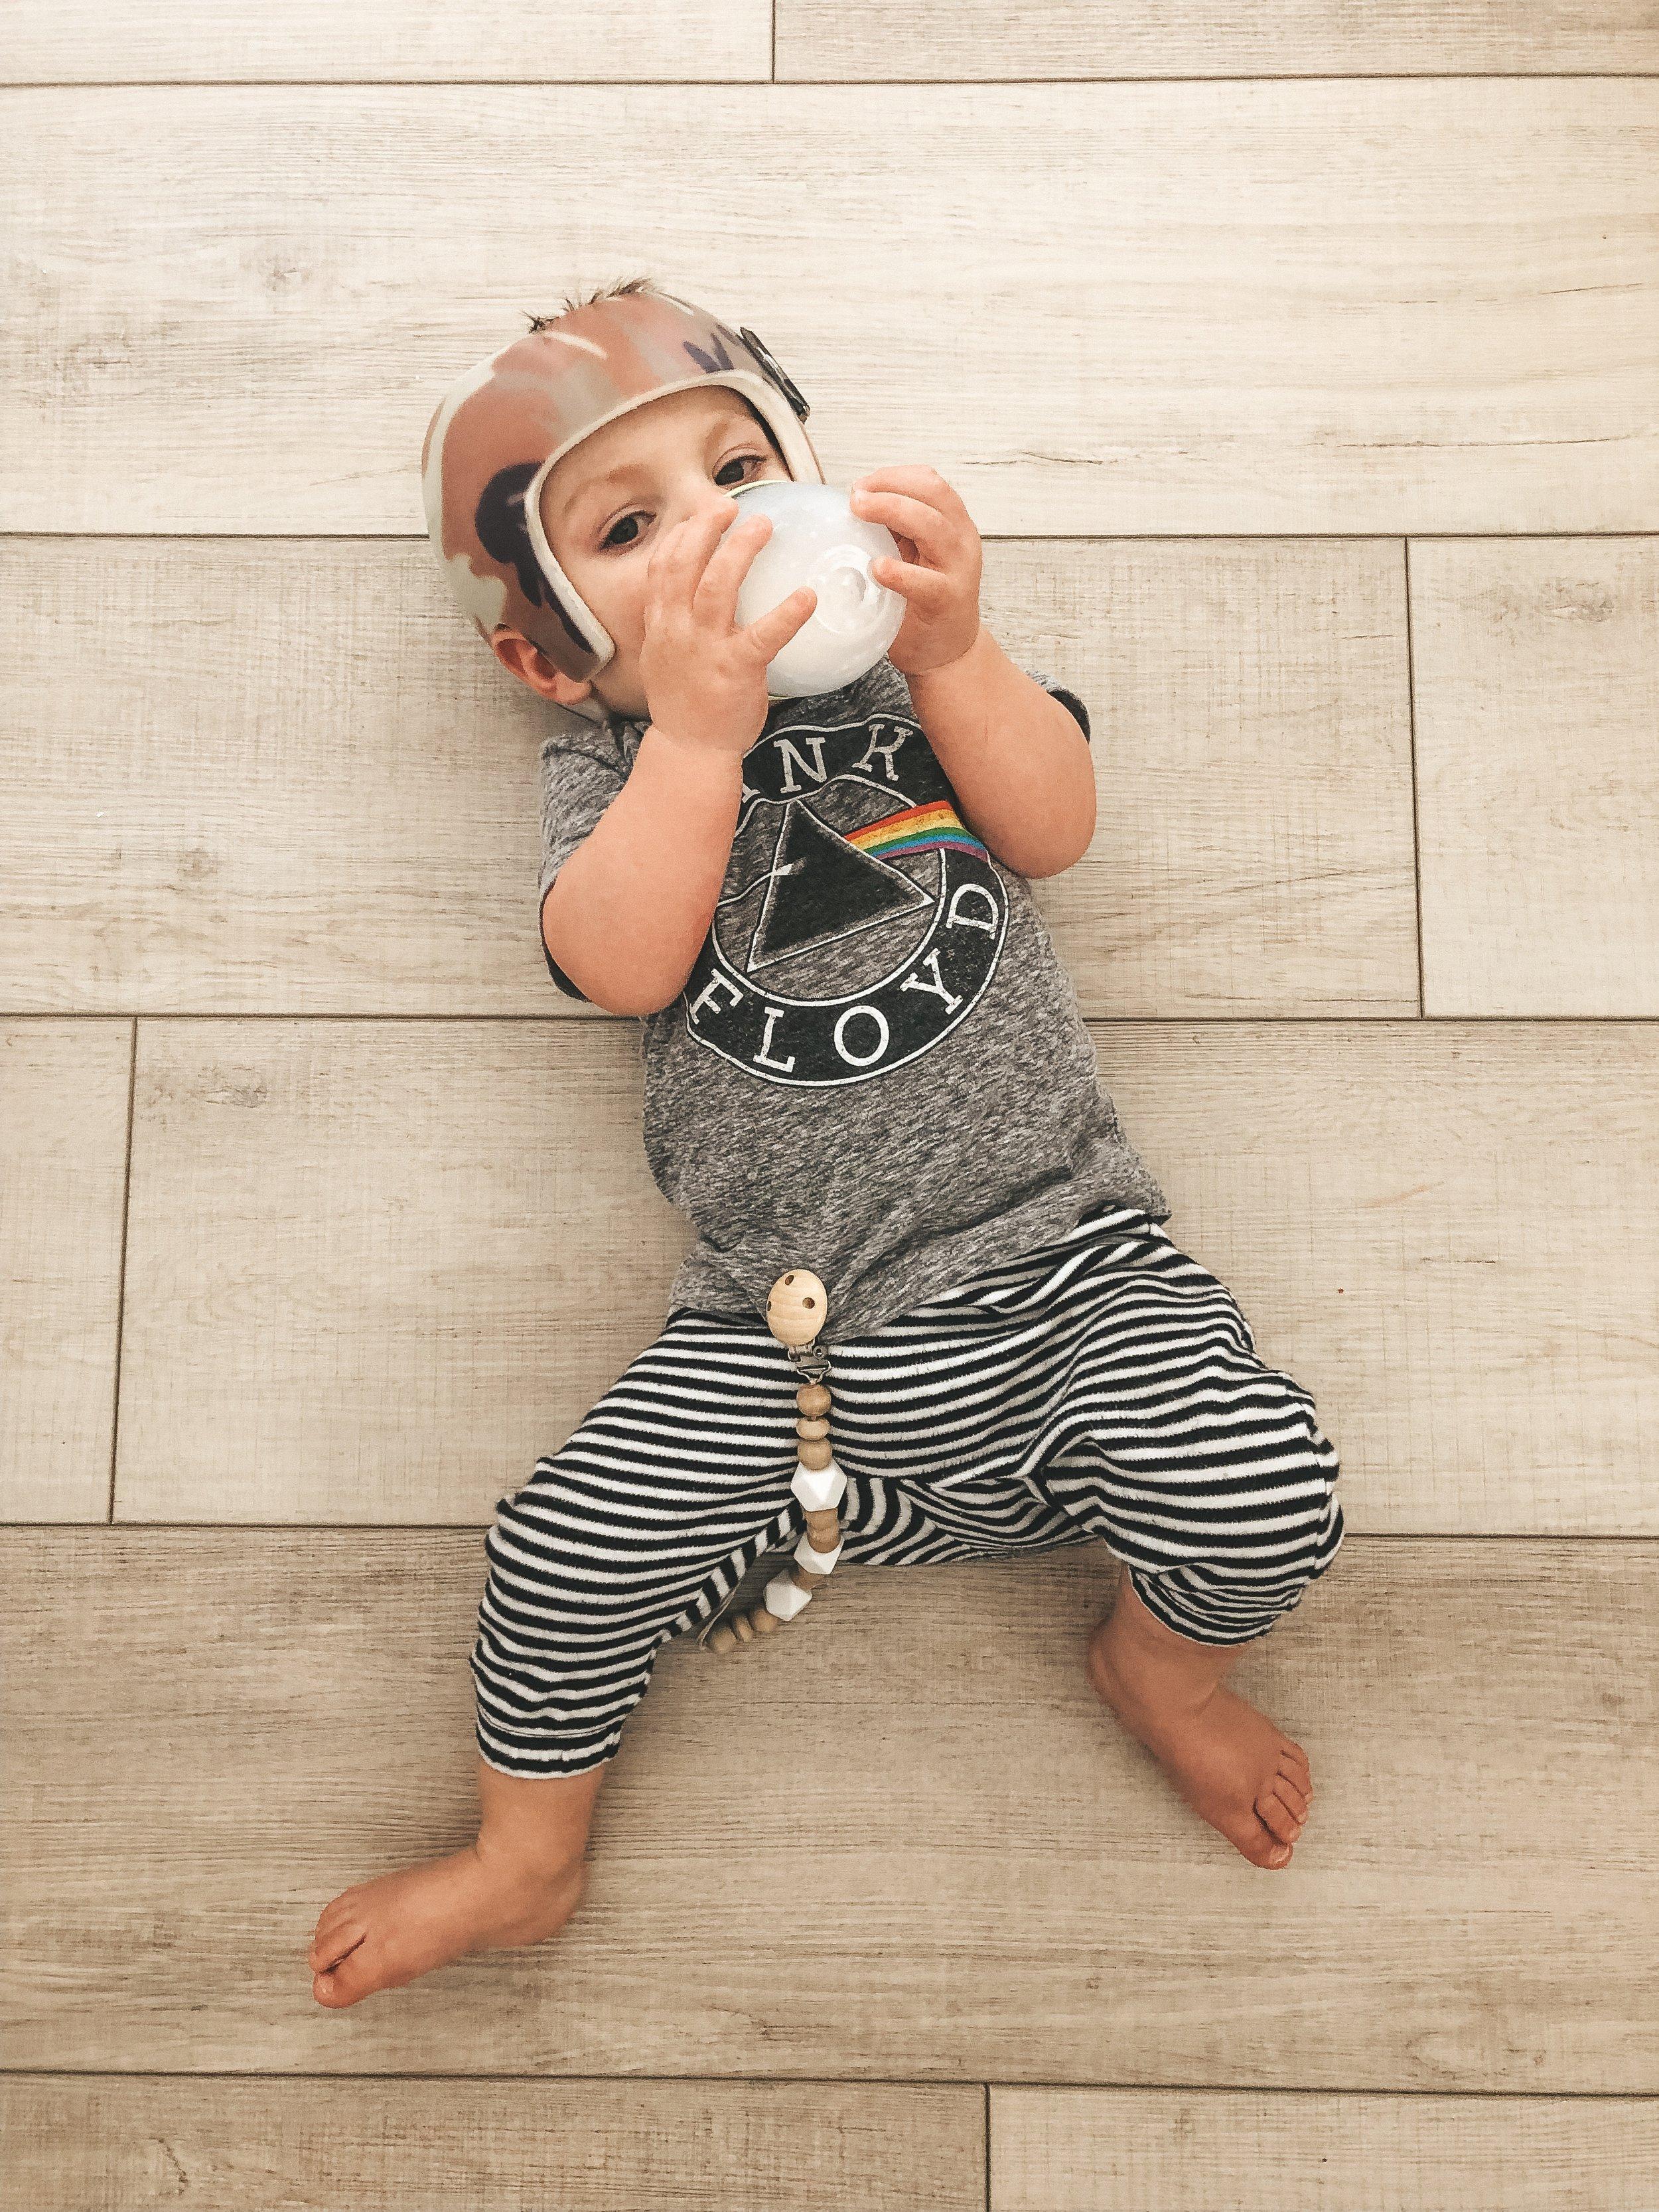 Jett Jones 11 Month Milestones.  Como Tomo bottles for breastfed babies. Helmet treatment for Plagiocephaly.